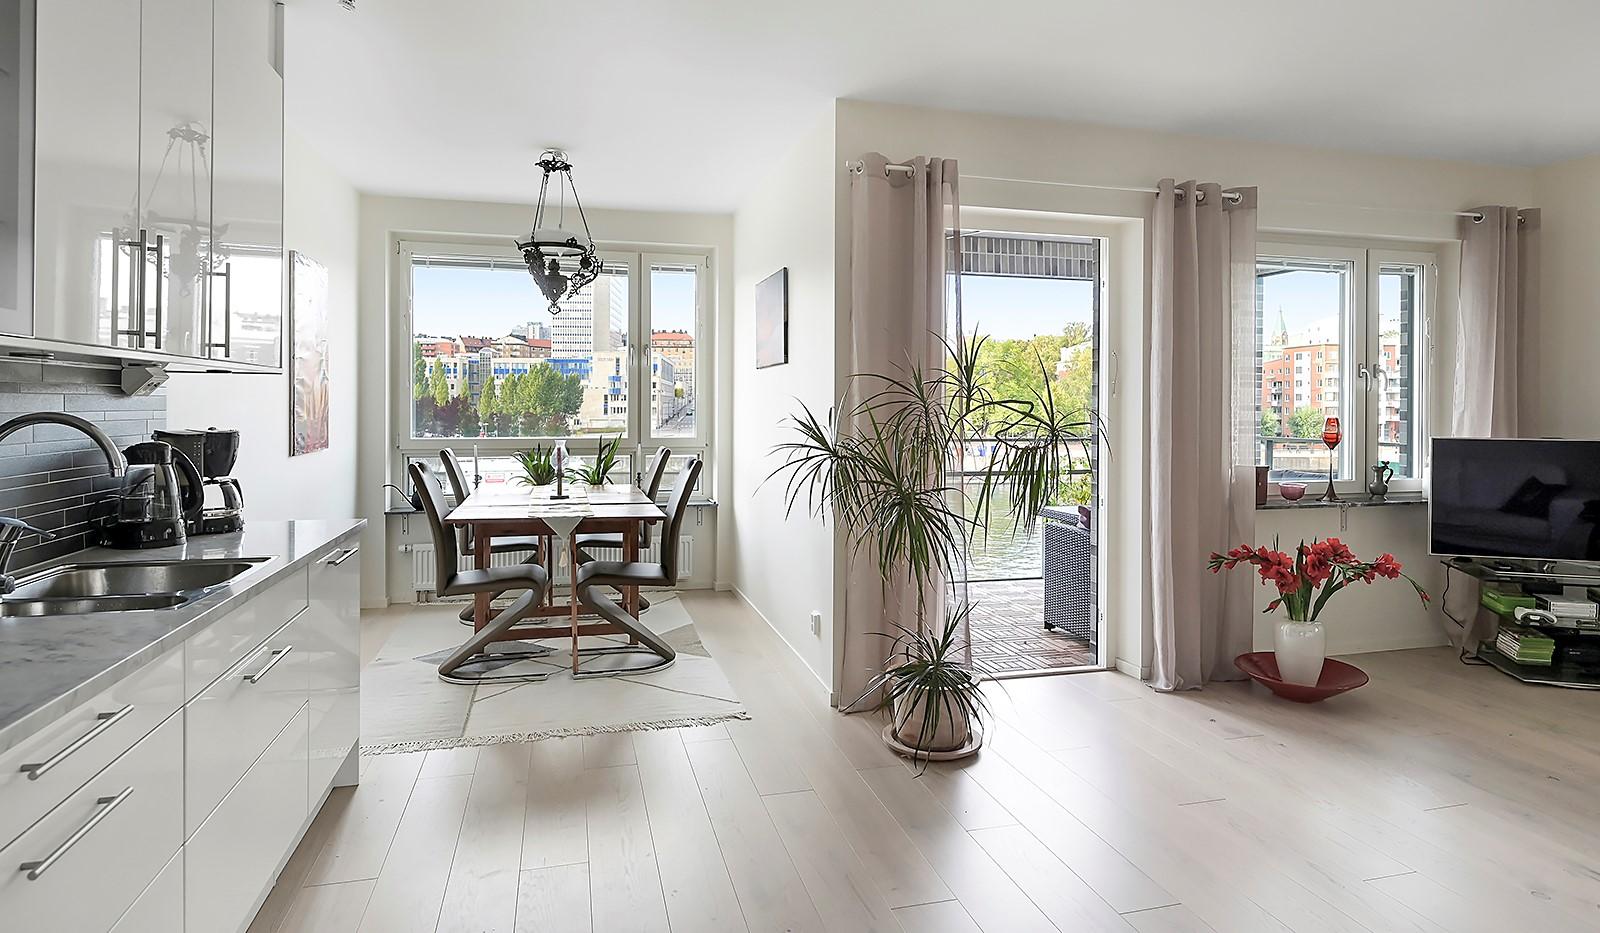 Fredriksdalsgatan 24, vån 2 - I anslutning till köket finns en naturlig plats för matbord